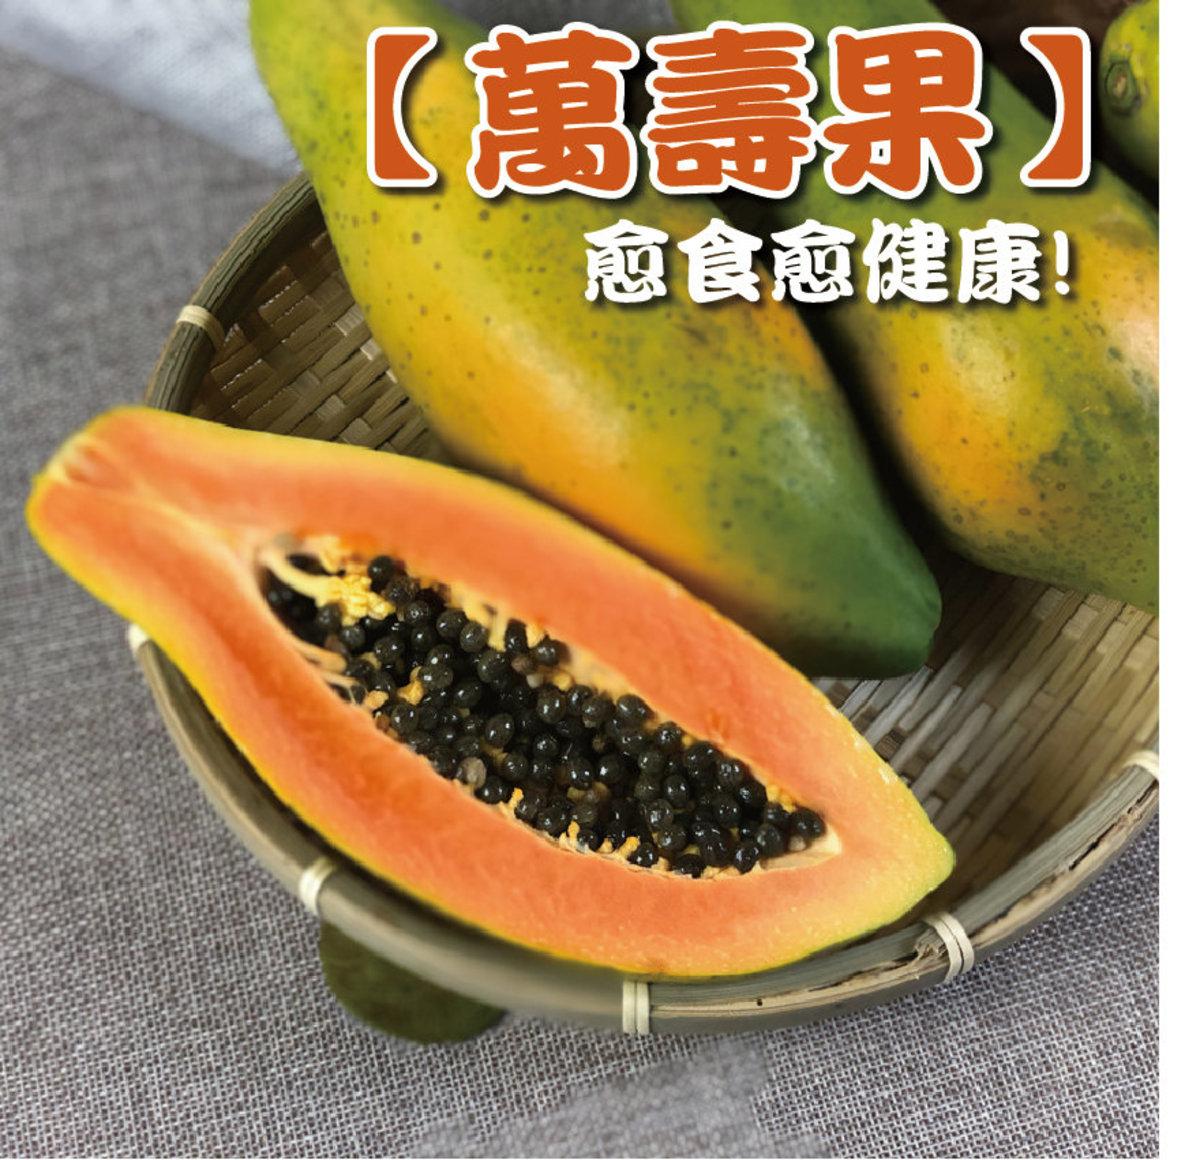 黃肉木瓜(1個約1000-1500克)